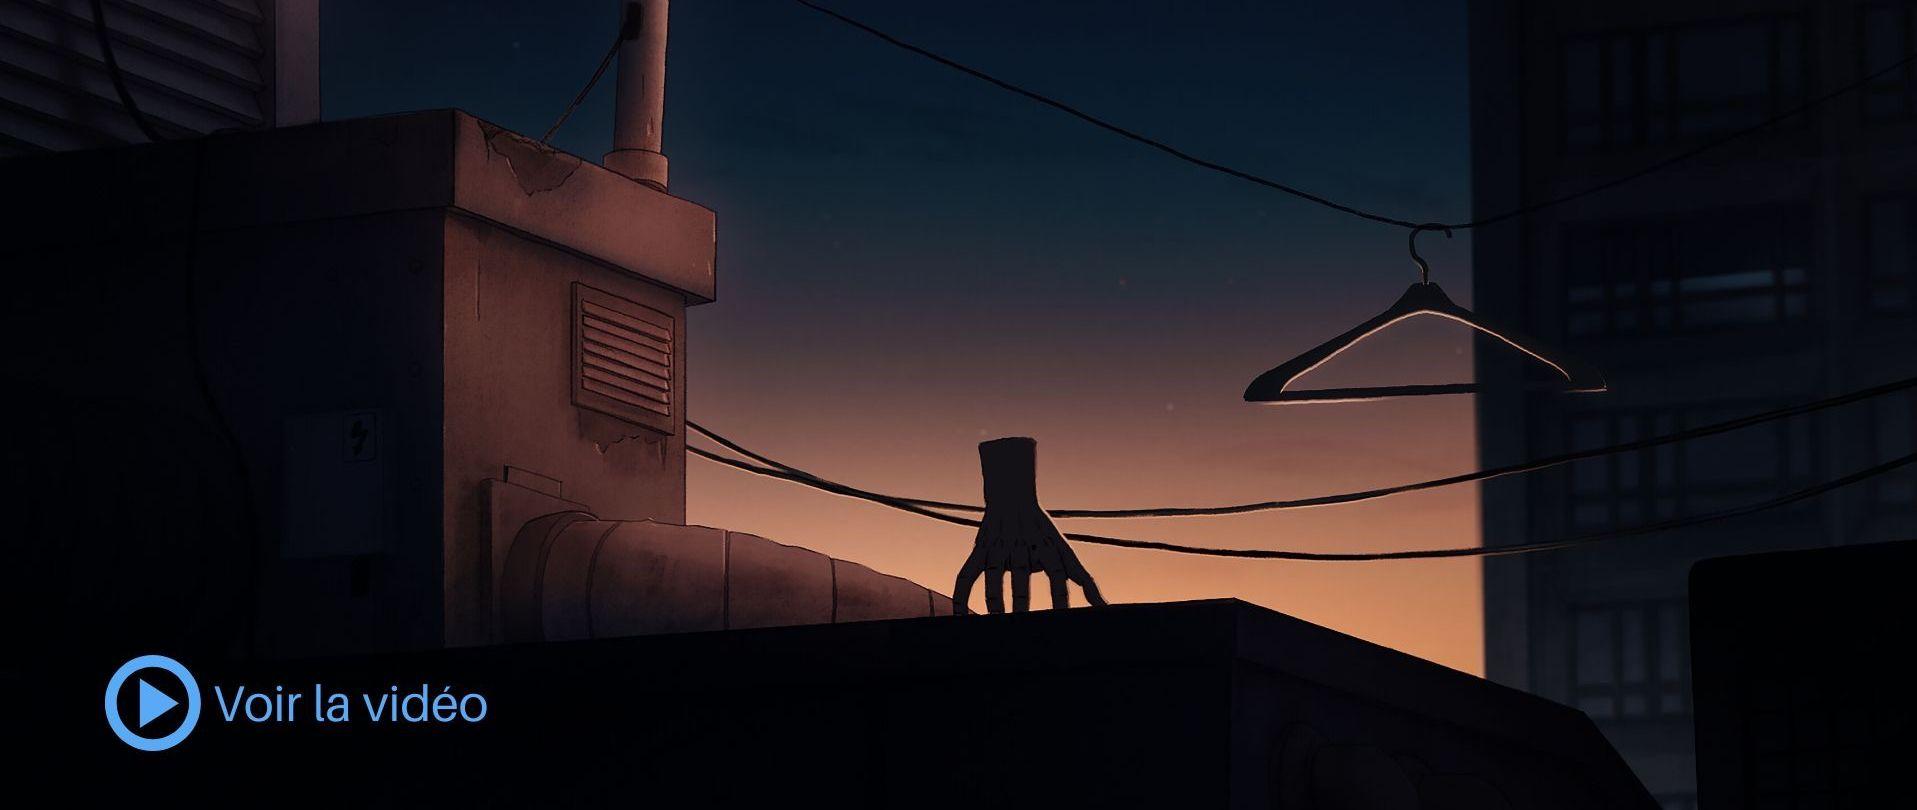 Cinéma d'animation et 3D - L'exemple de J'ai perdu mon corps